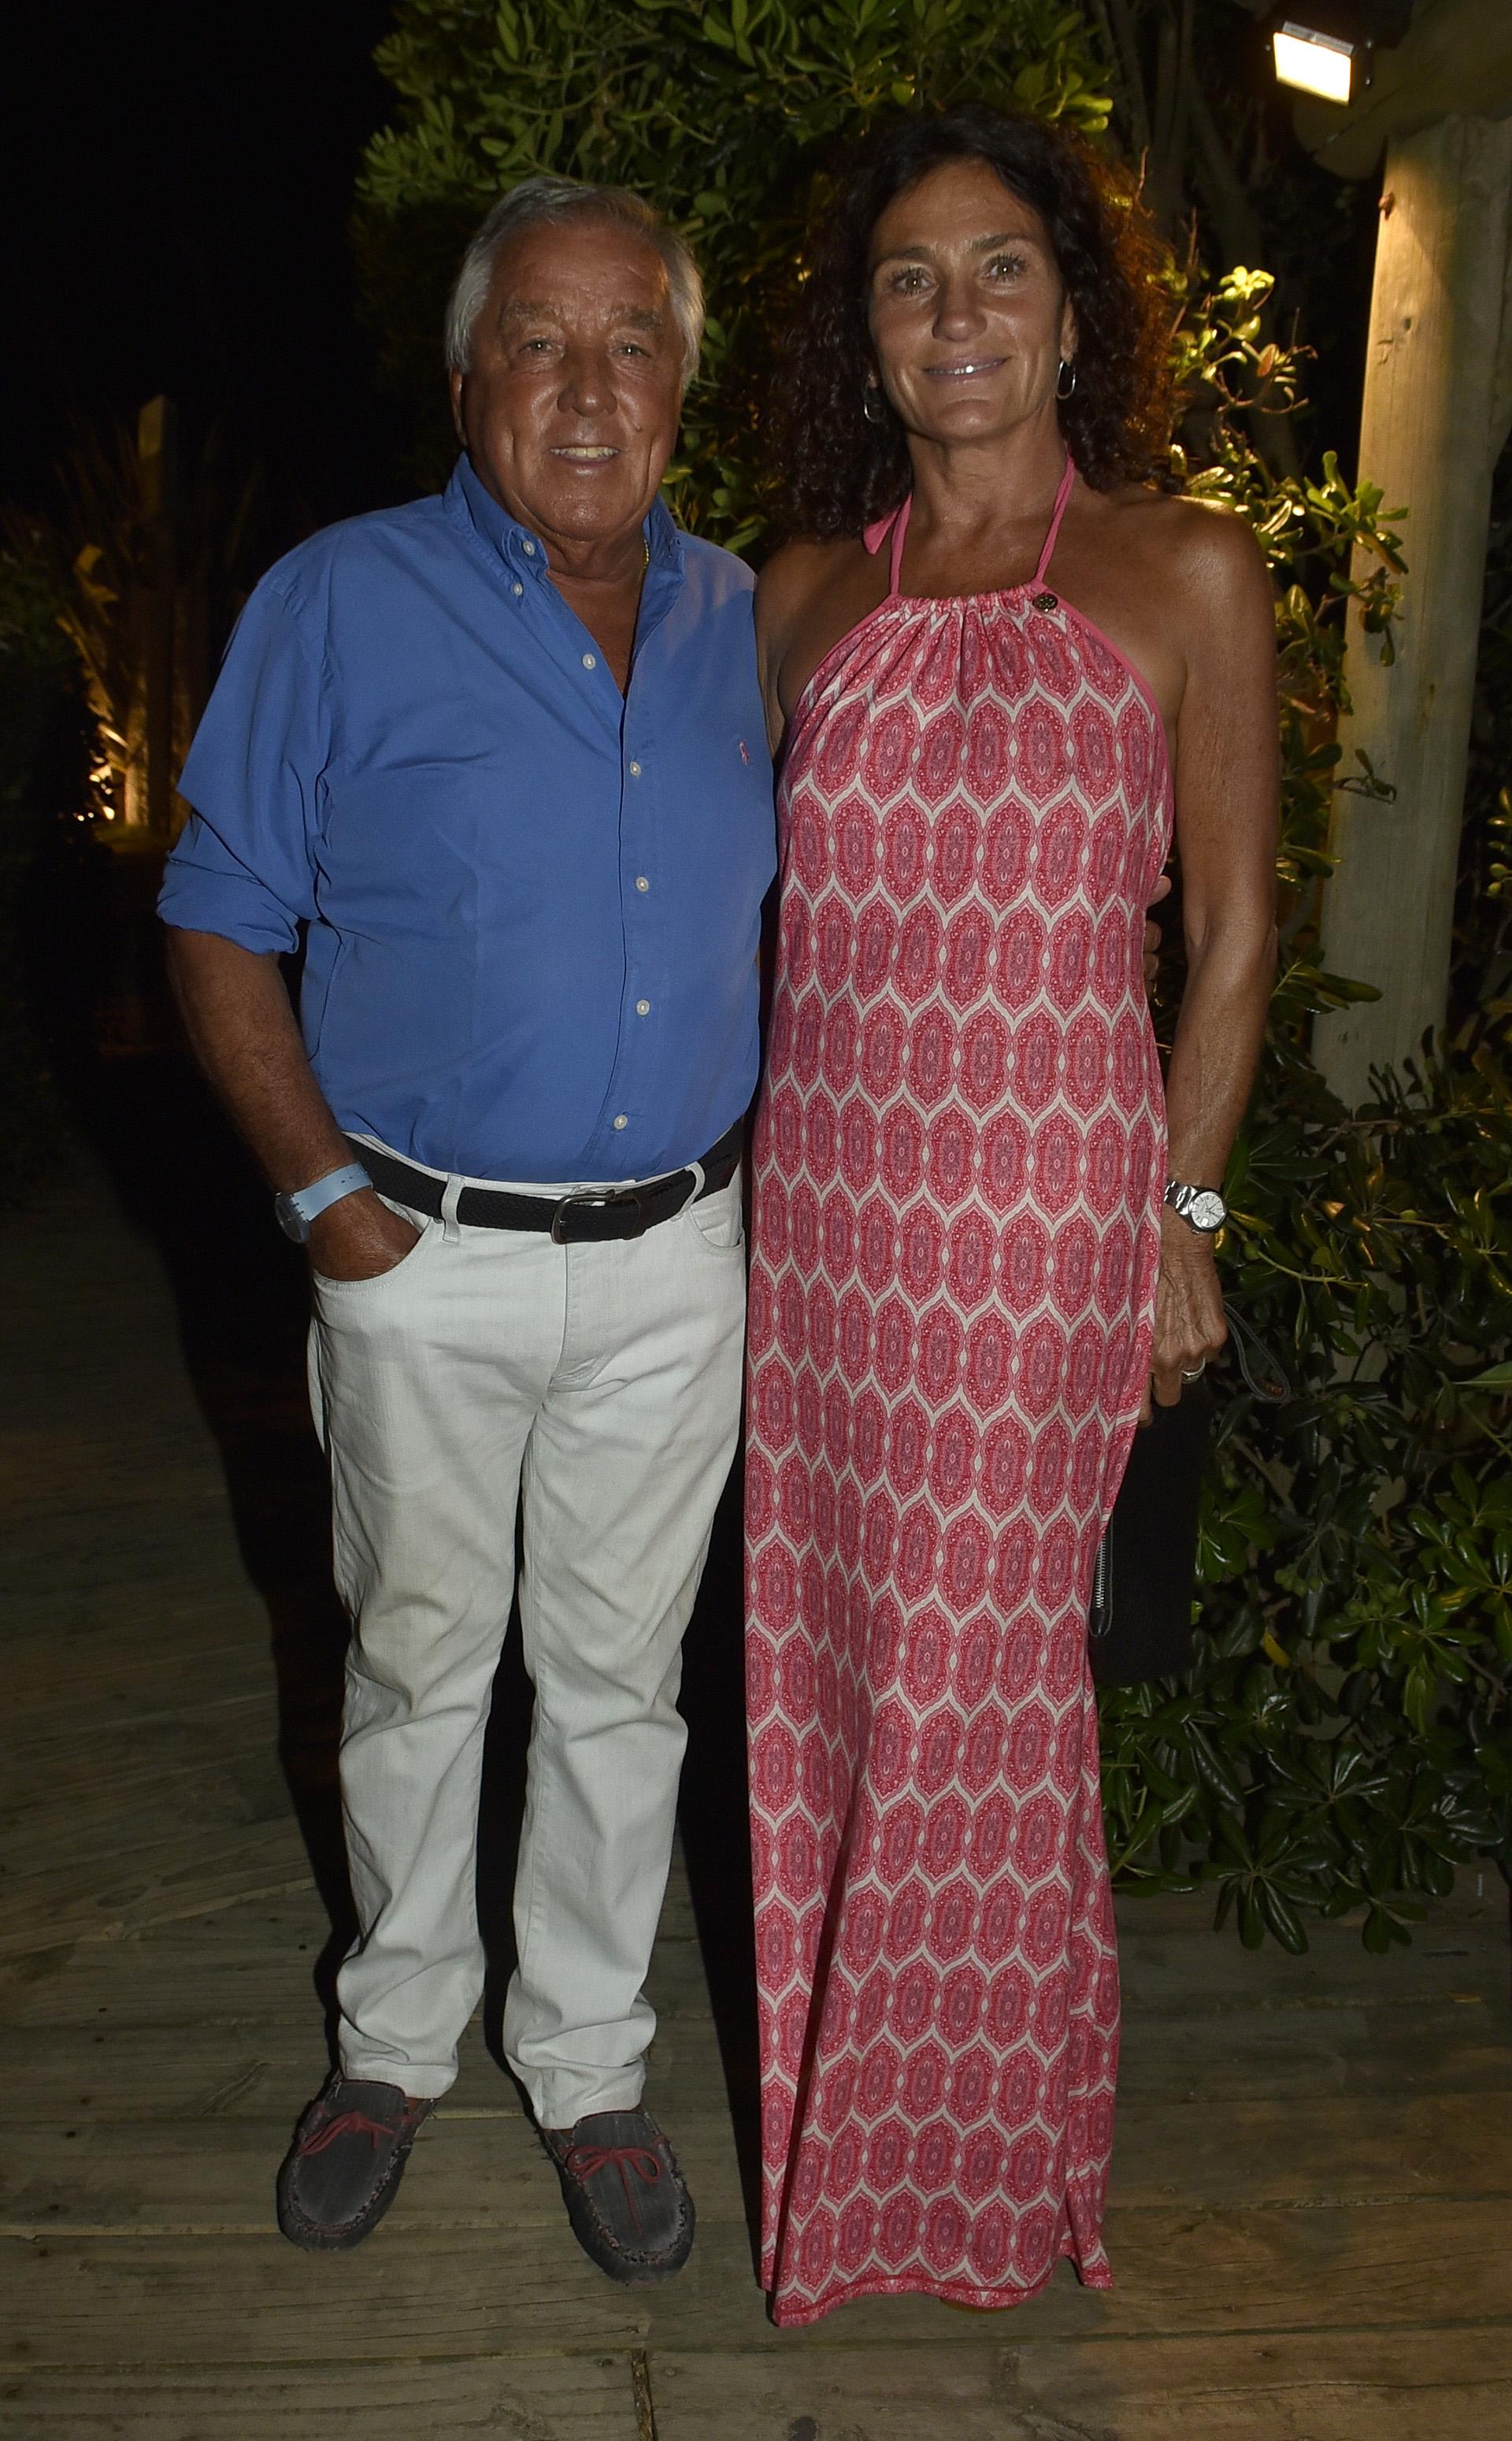 El presidente del Gruppo Modena, Julio De Marco, y Alejandra Stefani